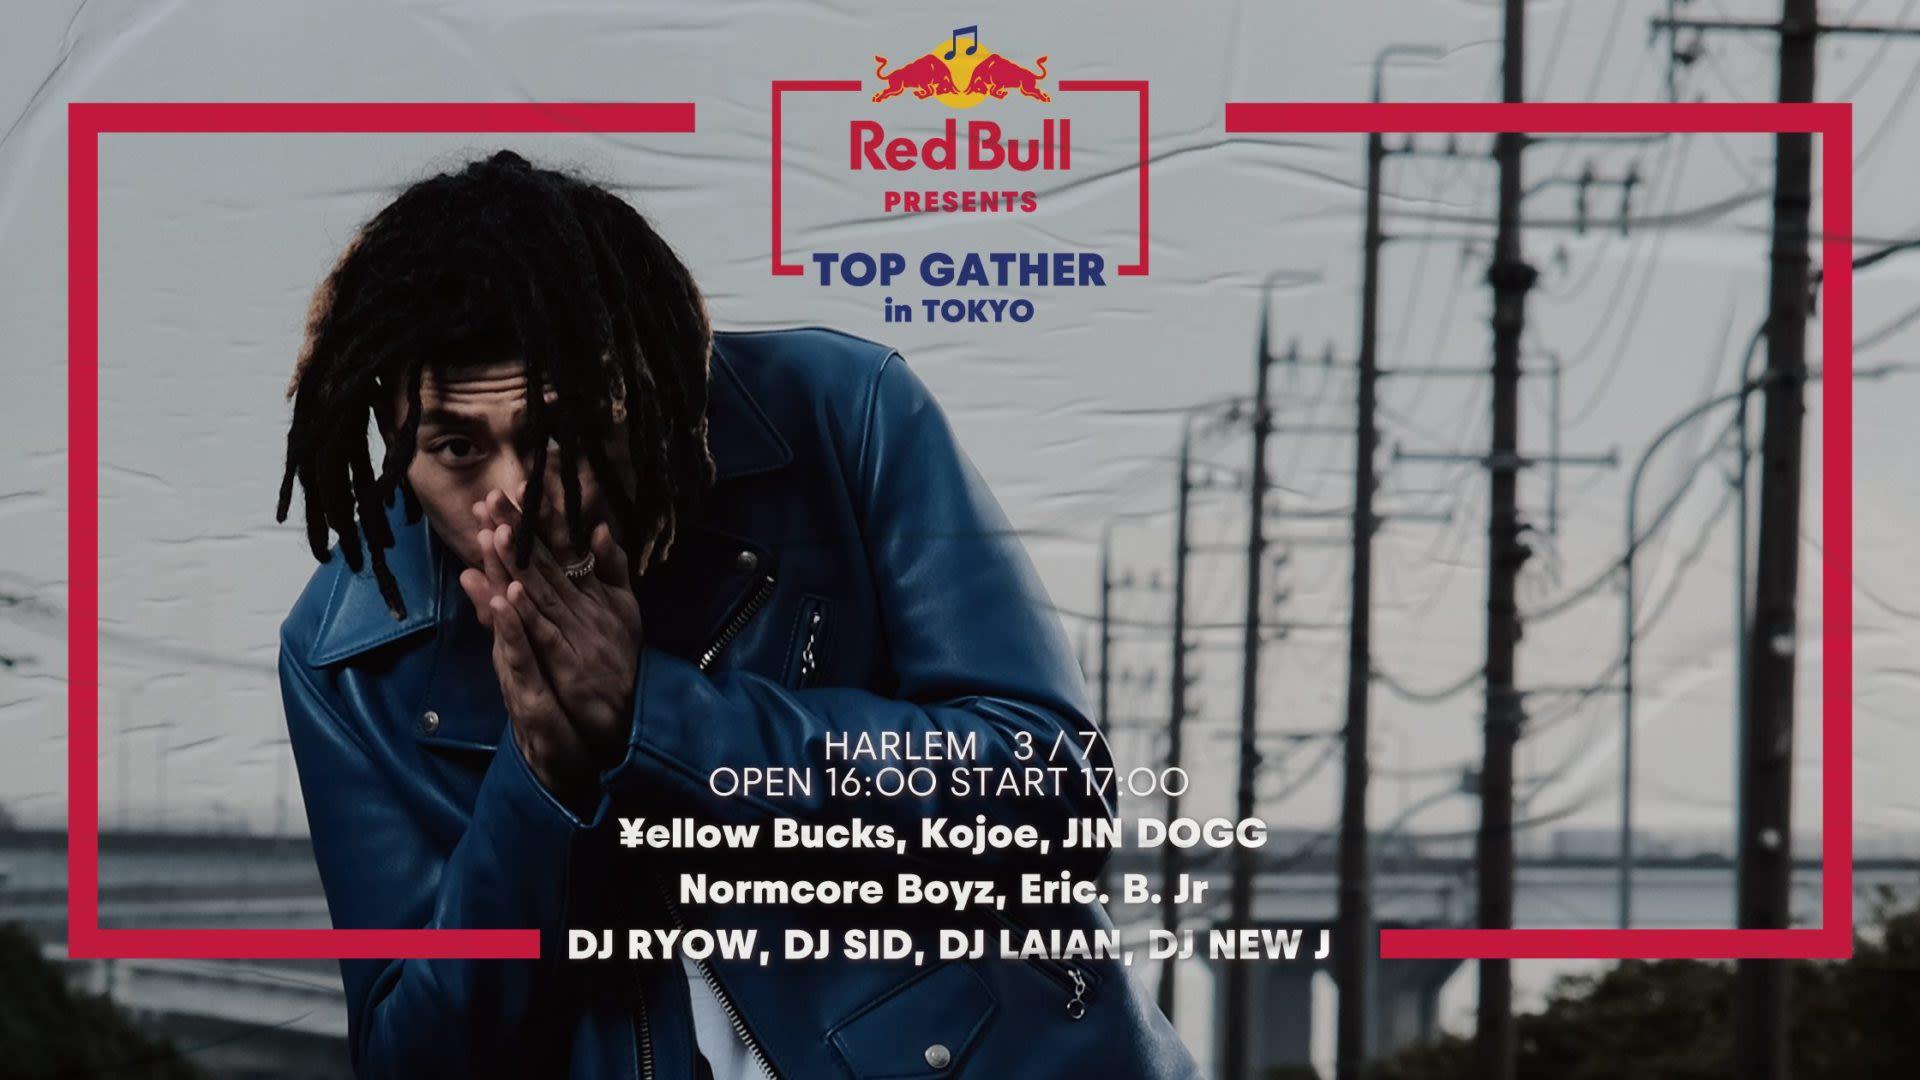 """ストリートなイベント【東京】Red Bull presents """"TOP GATHER in TOKYO"""" ¥ellow Bucks主催イベントが東京初開催!"""